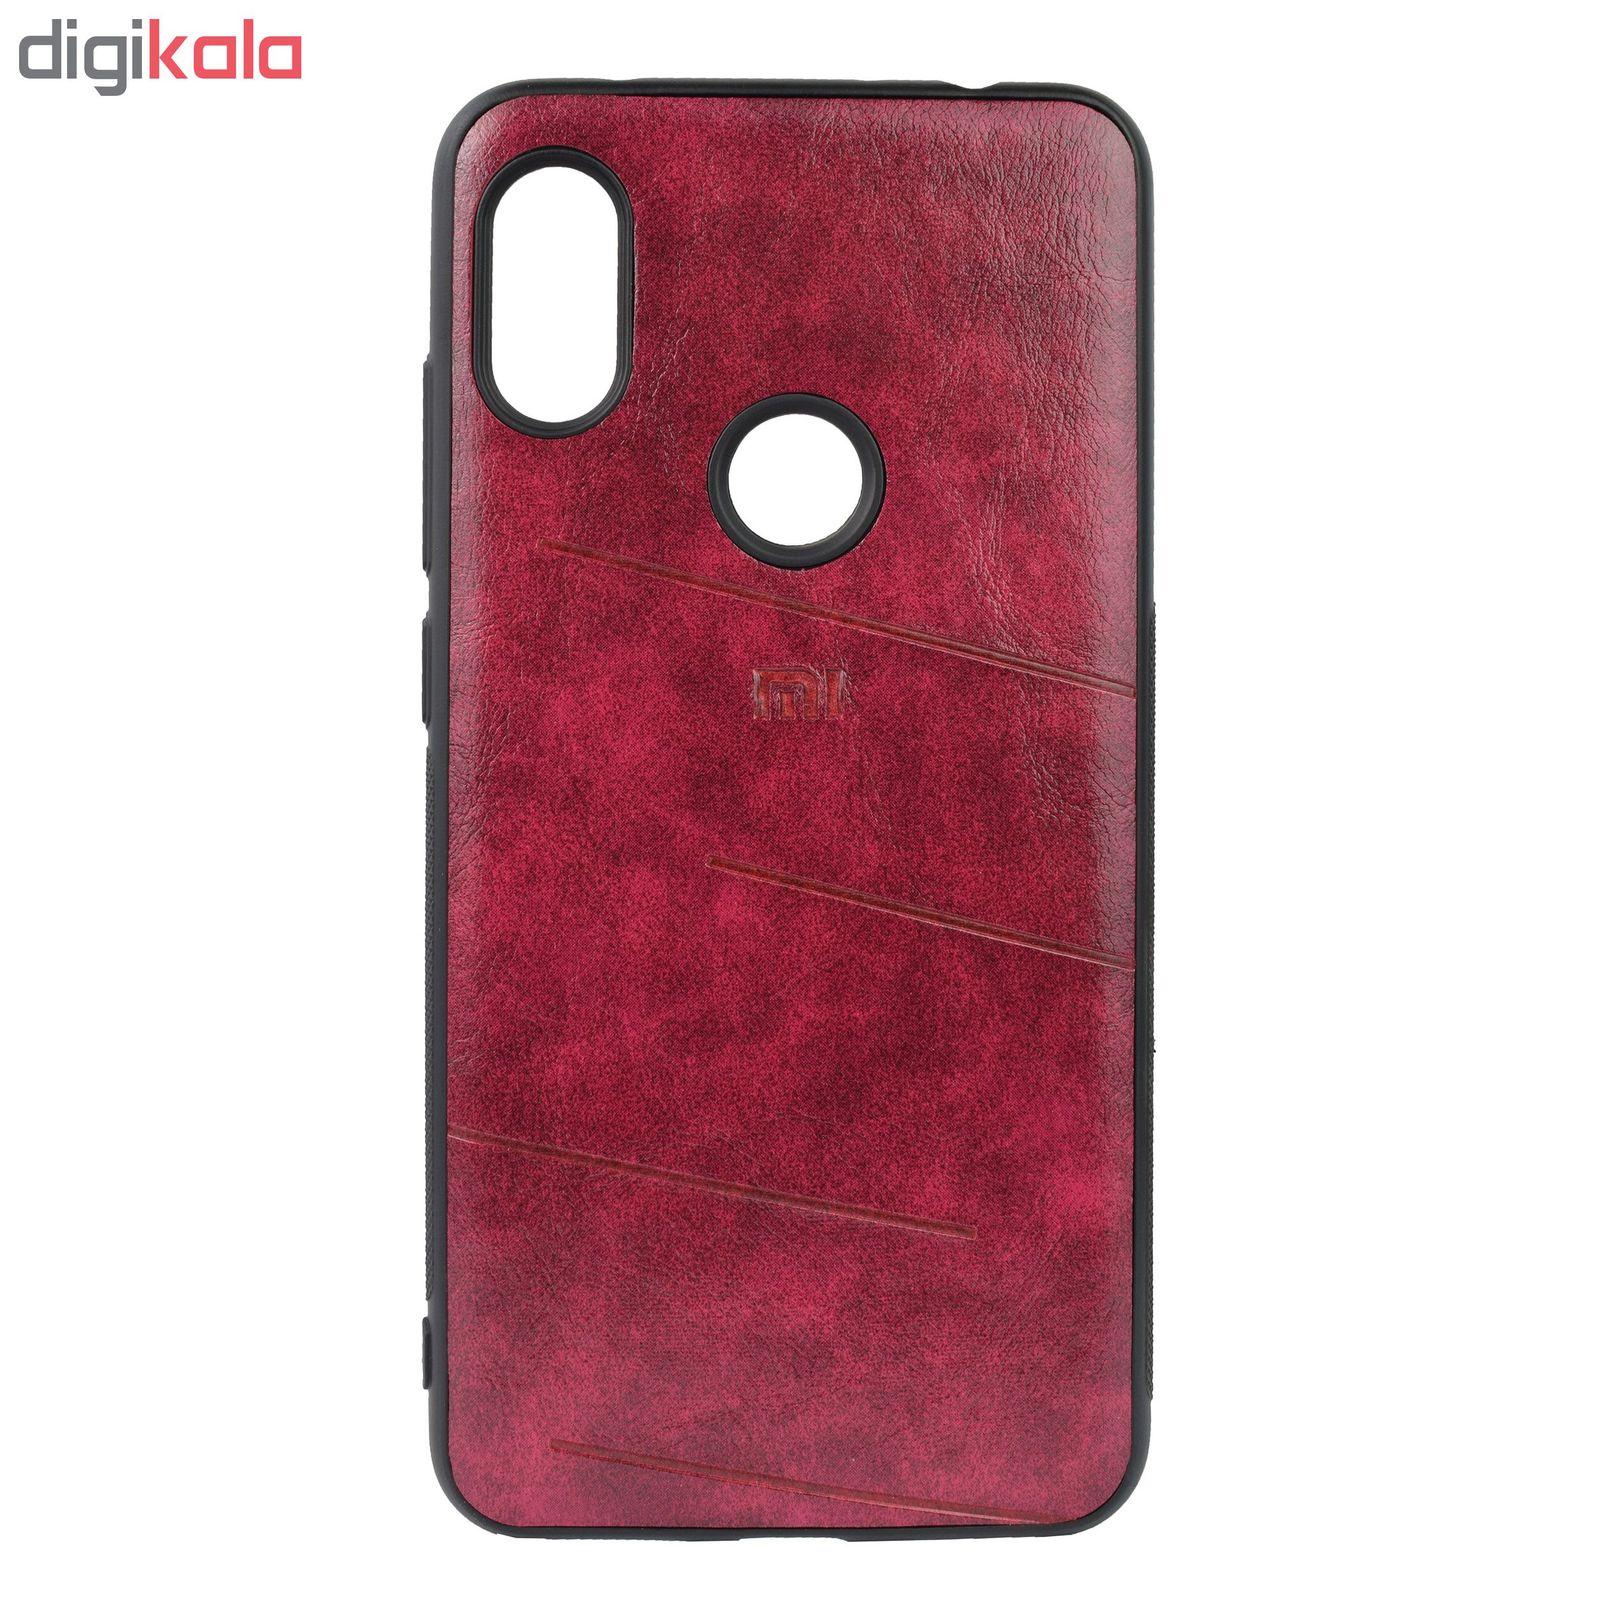 کاور مدل LT10 مناسب برای گوشی موبایل شیائومی Redmi Note 7 / Note 7 Pro main 1 5